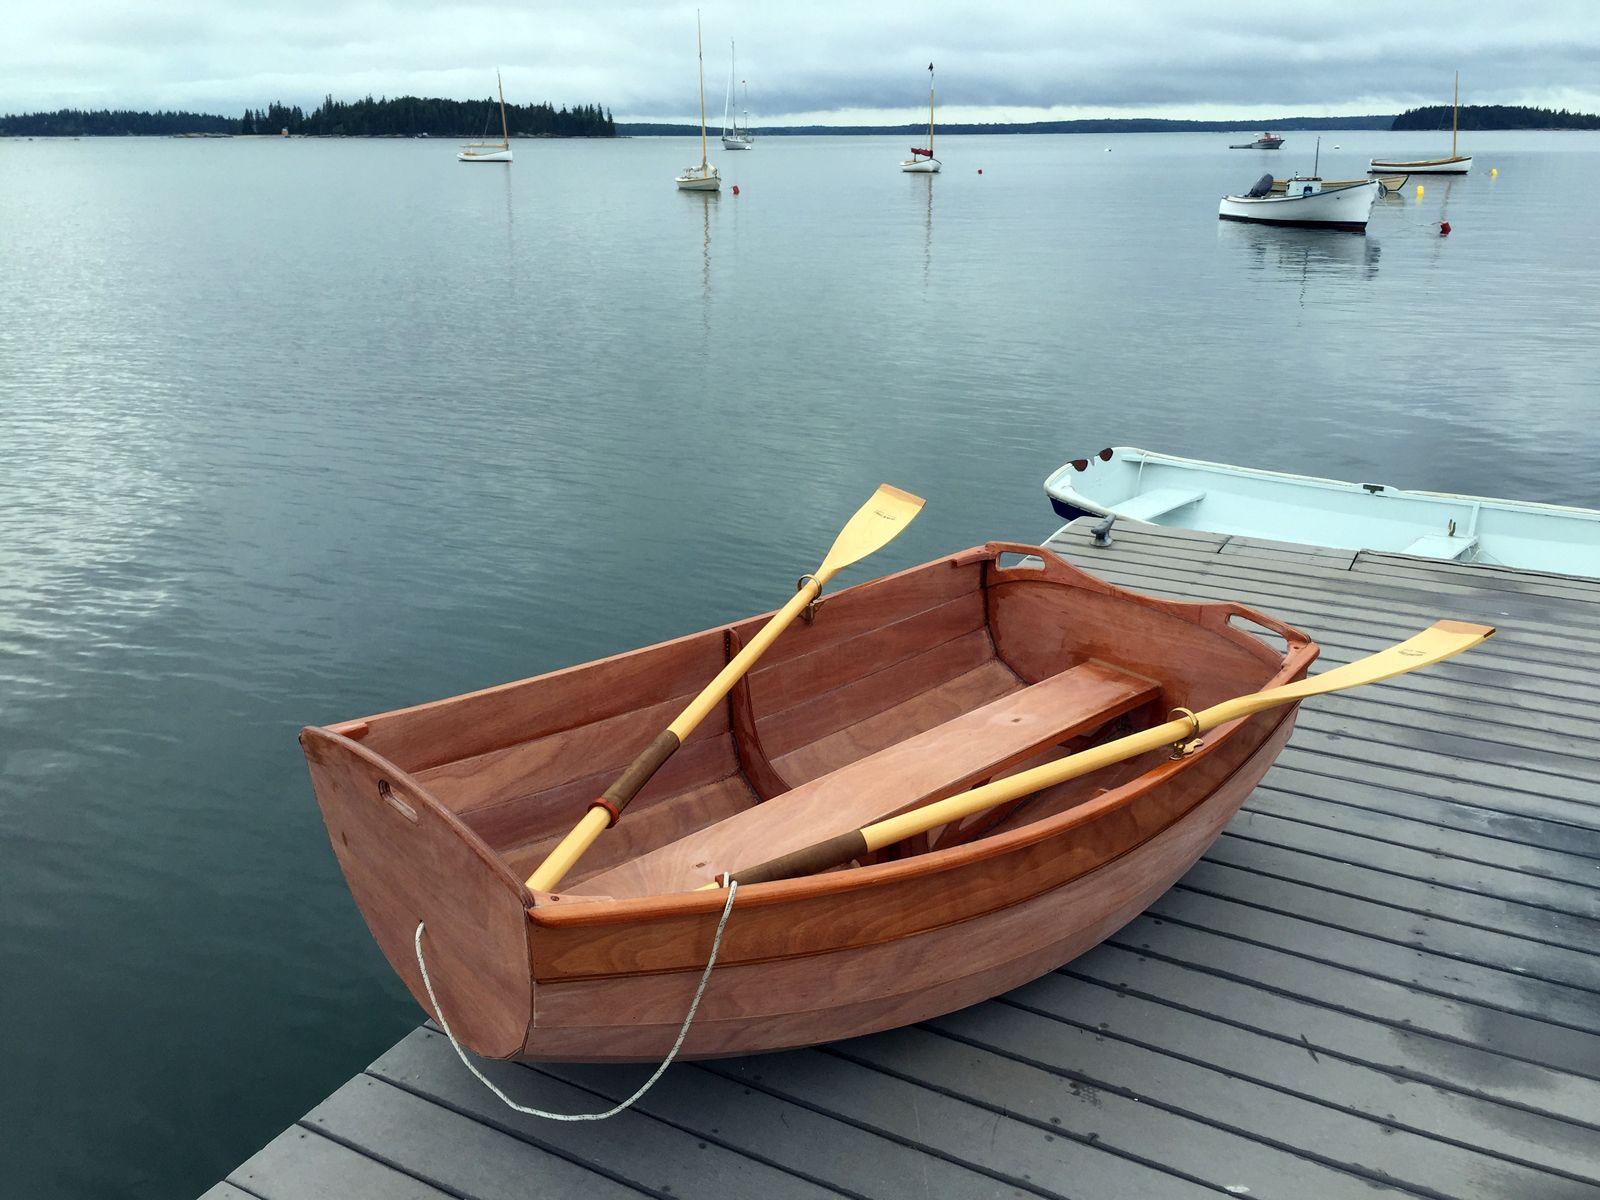 виды деревянных лодок с картинками посадки необходимо выбрать